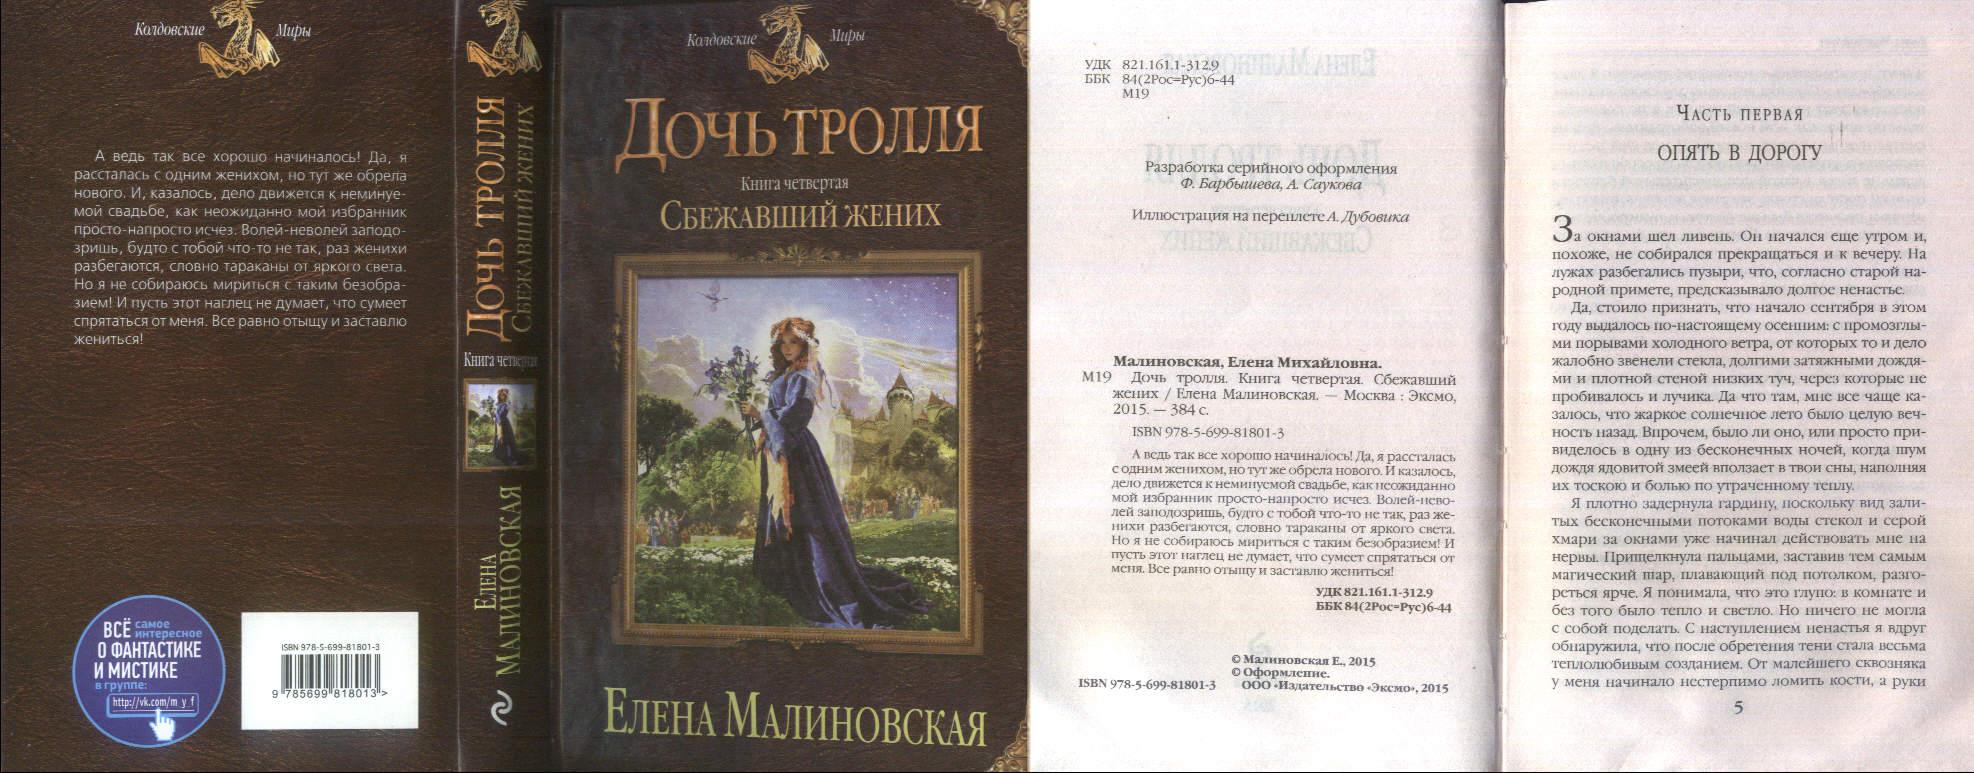 ЕЛЕНА МАЛИНОВСКАЯ СБЕЖАВШИЙ ЖЕНИХ СКАЧАТЬ БЕСПЛАТНО